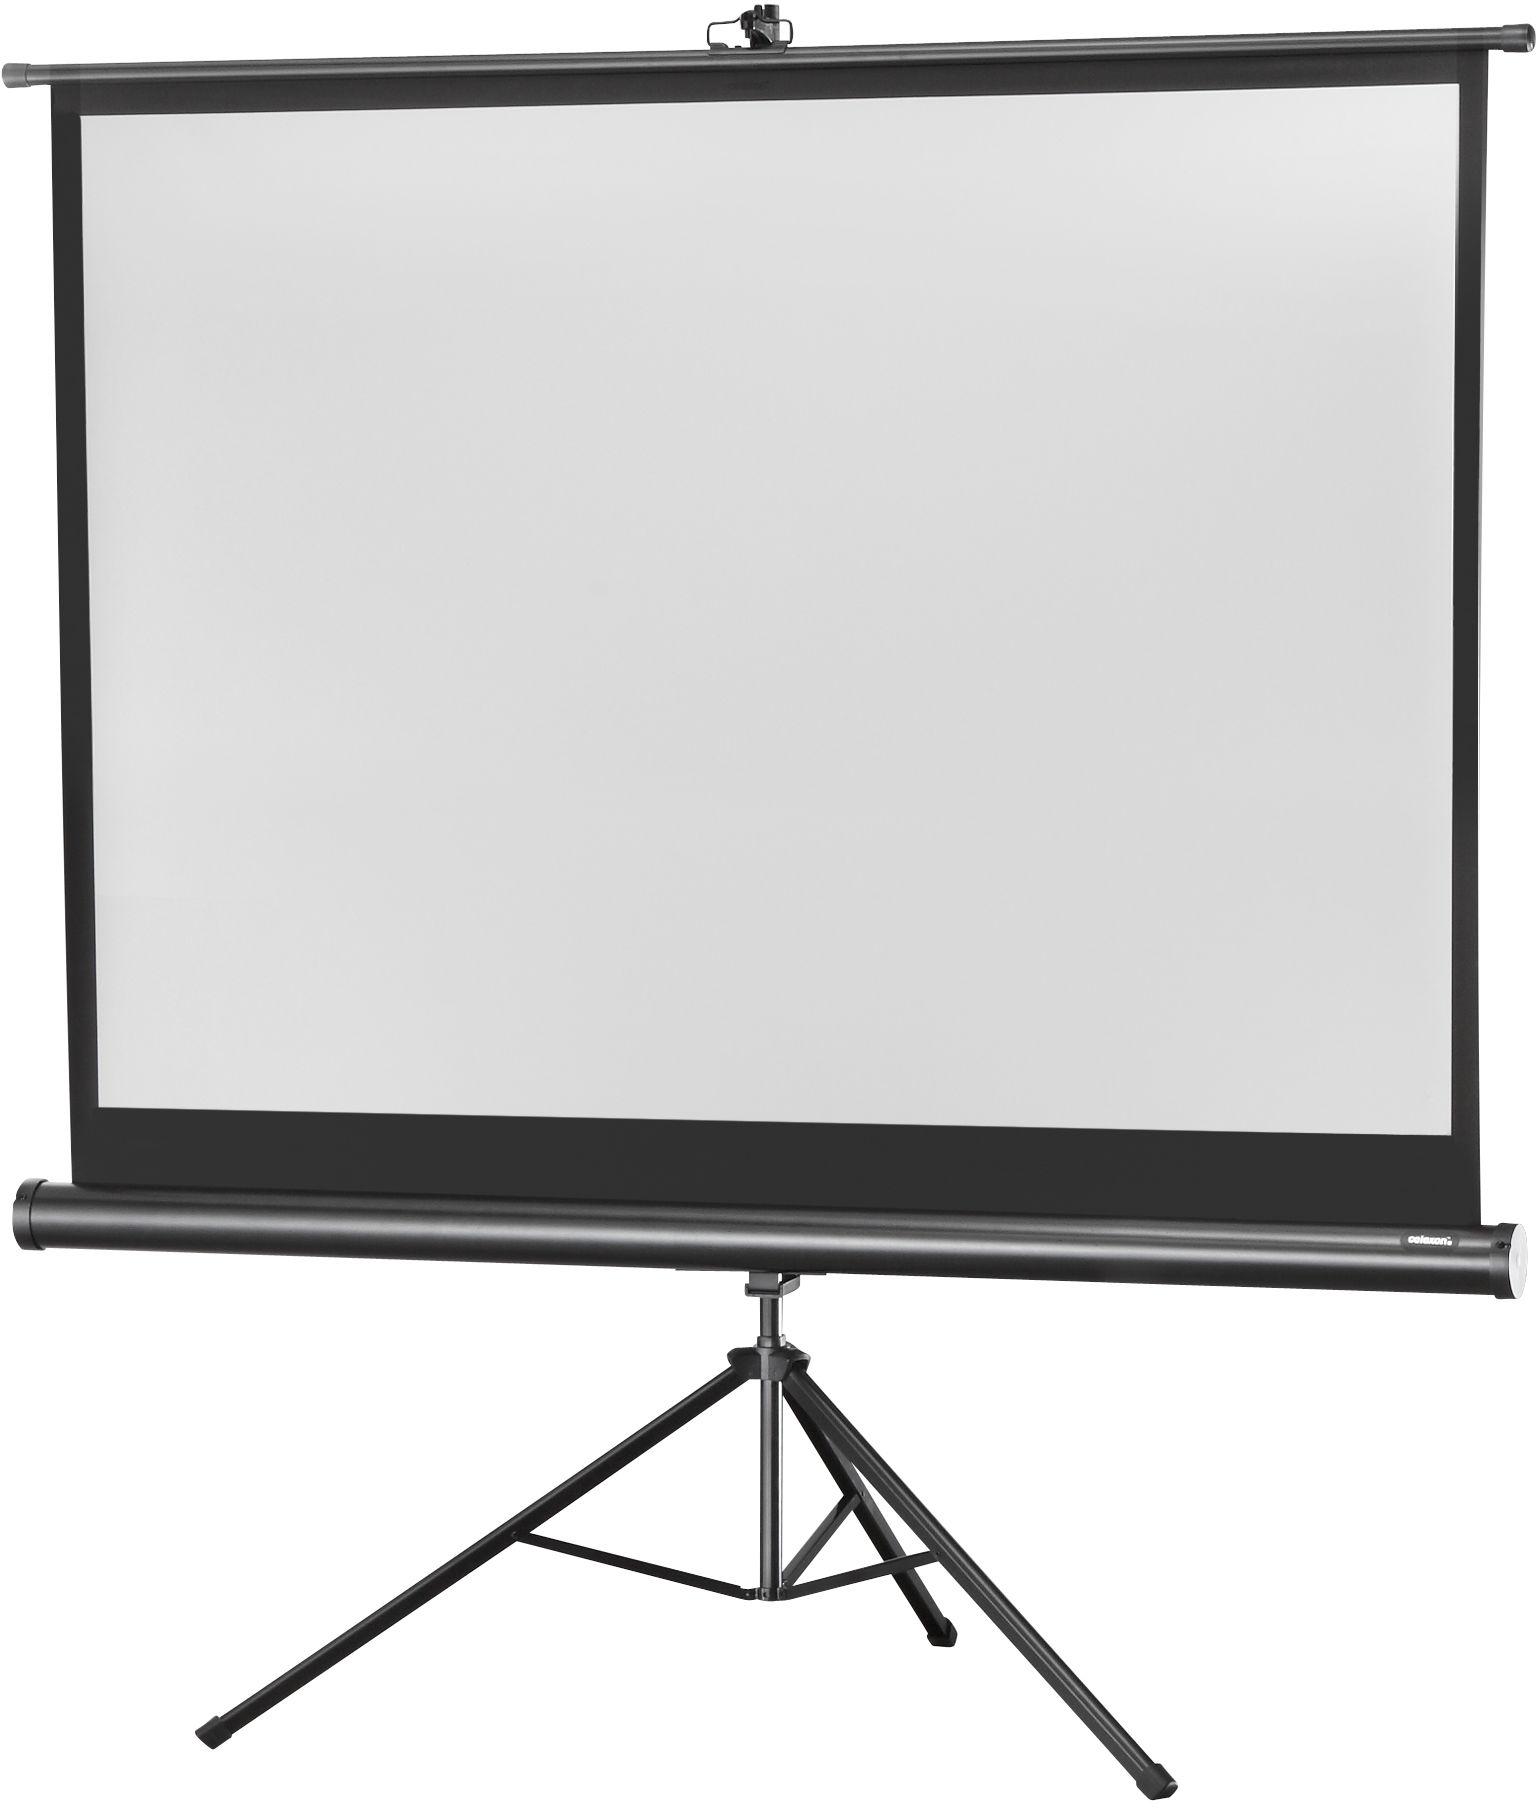 celexon Economy 176 x 132 cm ekran projekcyjny na trójnogu